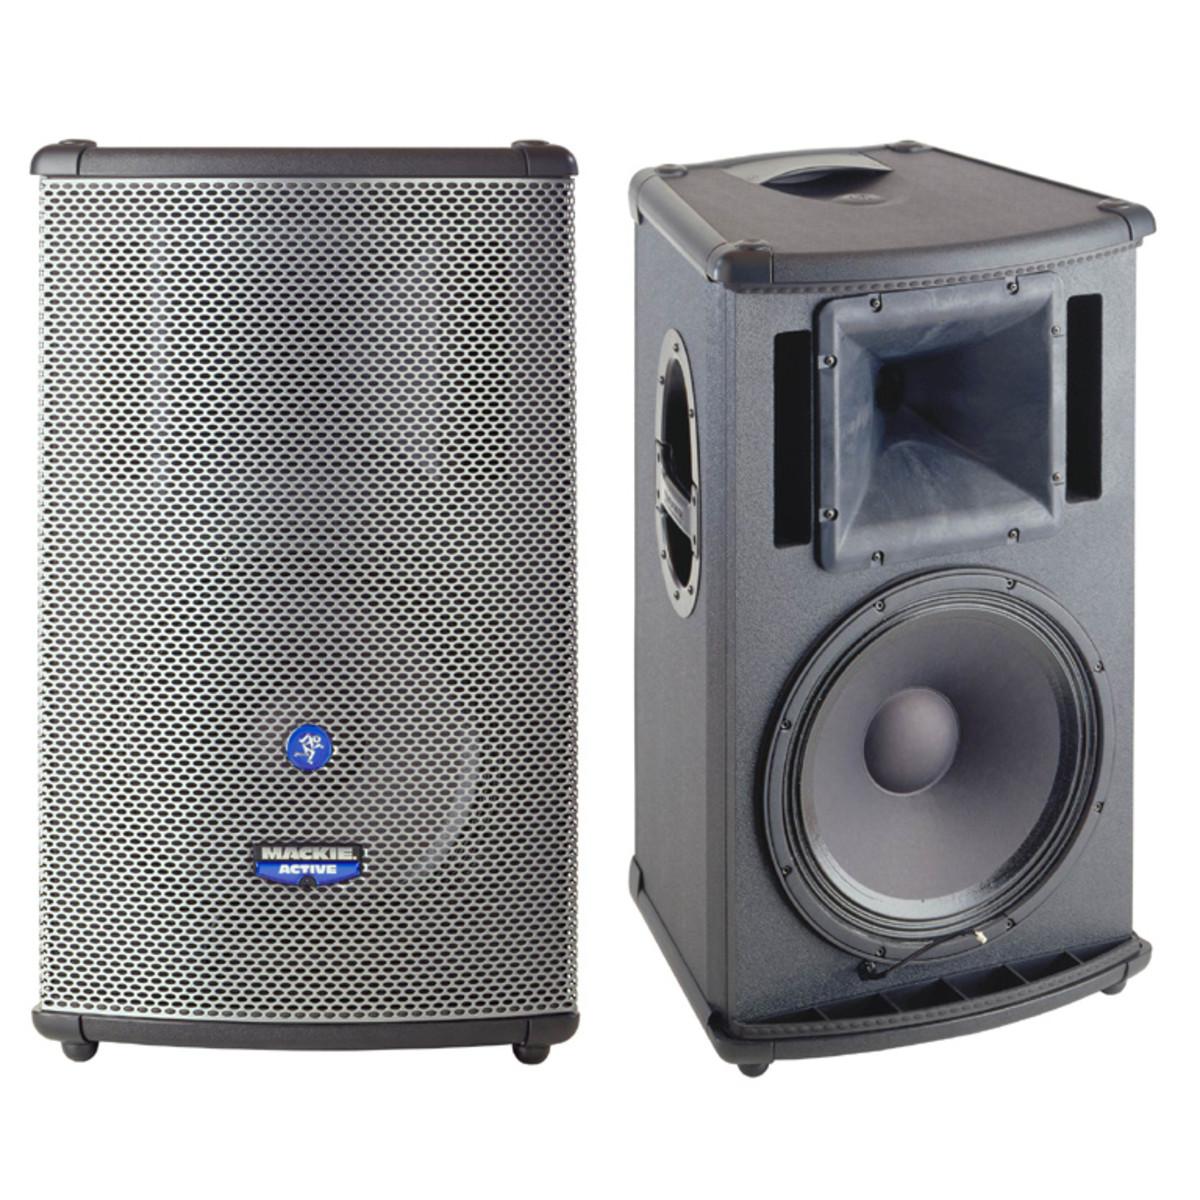 mackie sr1521z active pa speaker single at. Black Bedroom Furniture Sets. Home Design Ideas